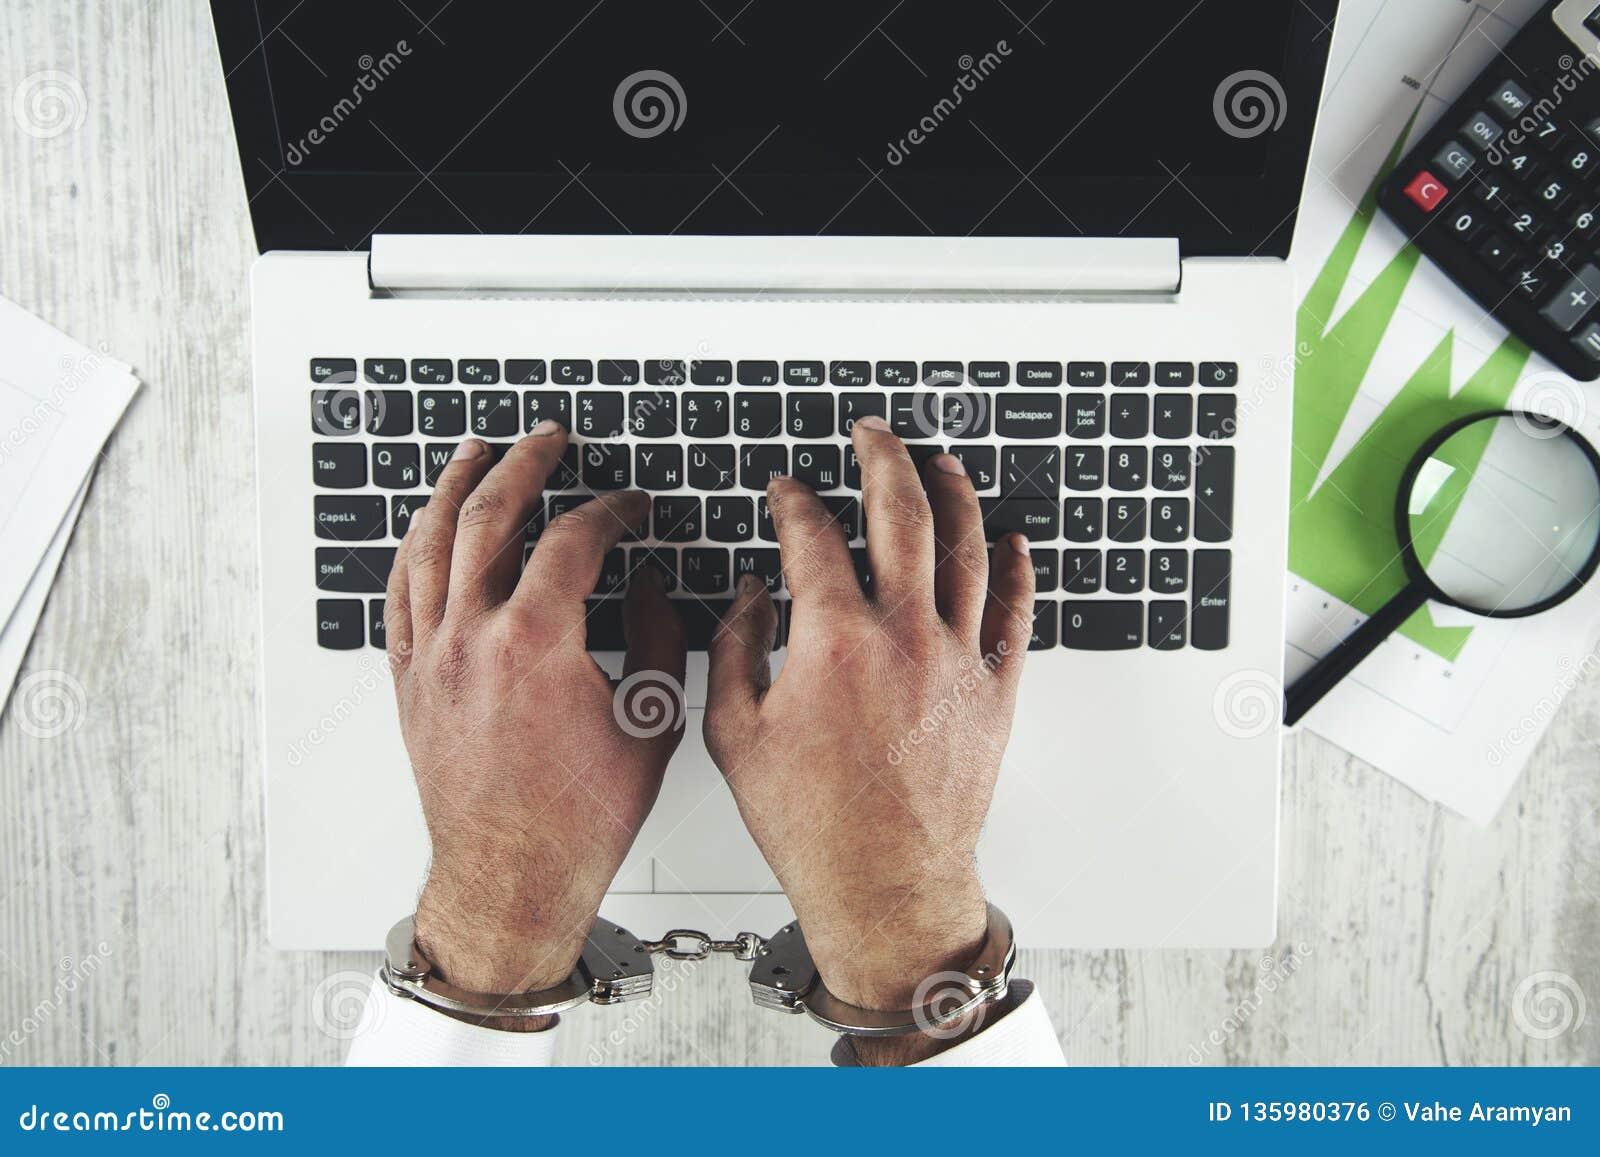 Esposas de la mano en el teclado